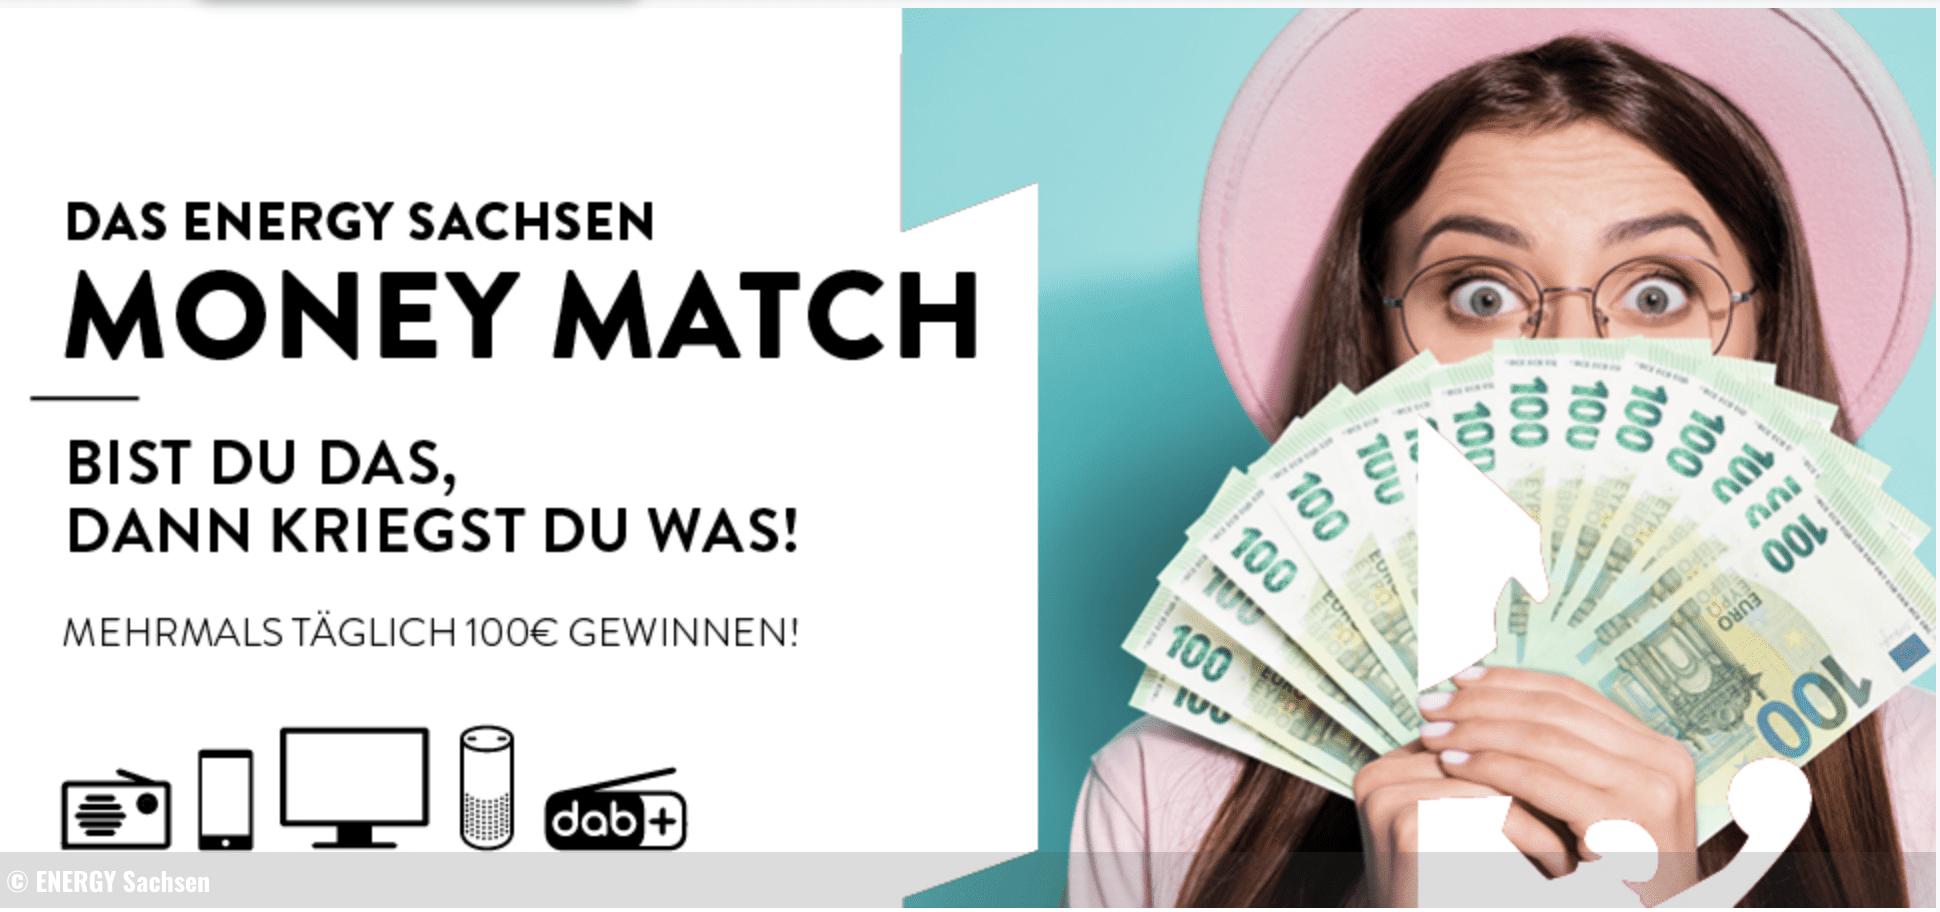 Energy Sachsen Radio Money Match Gewinnspiel